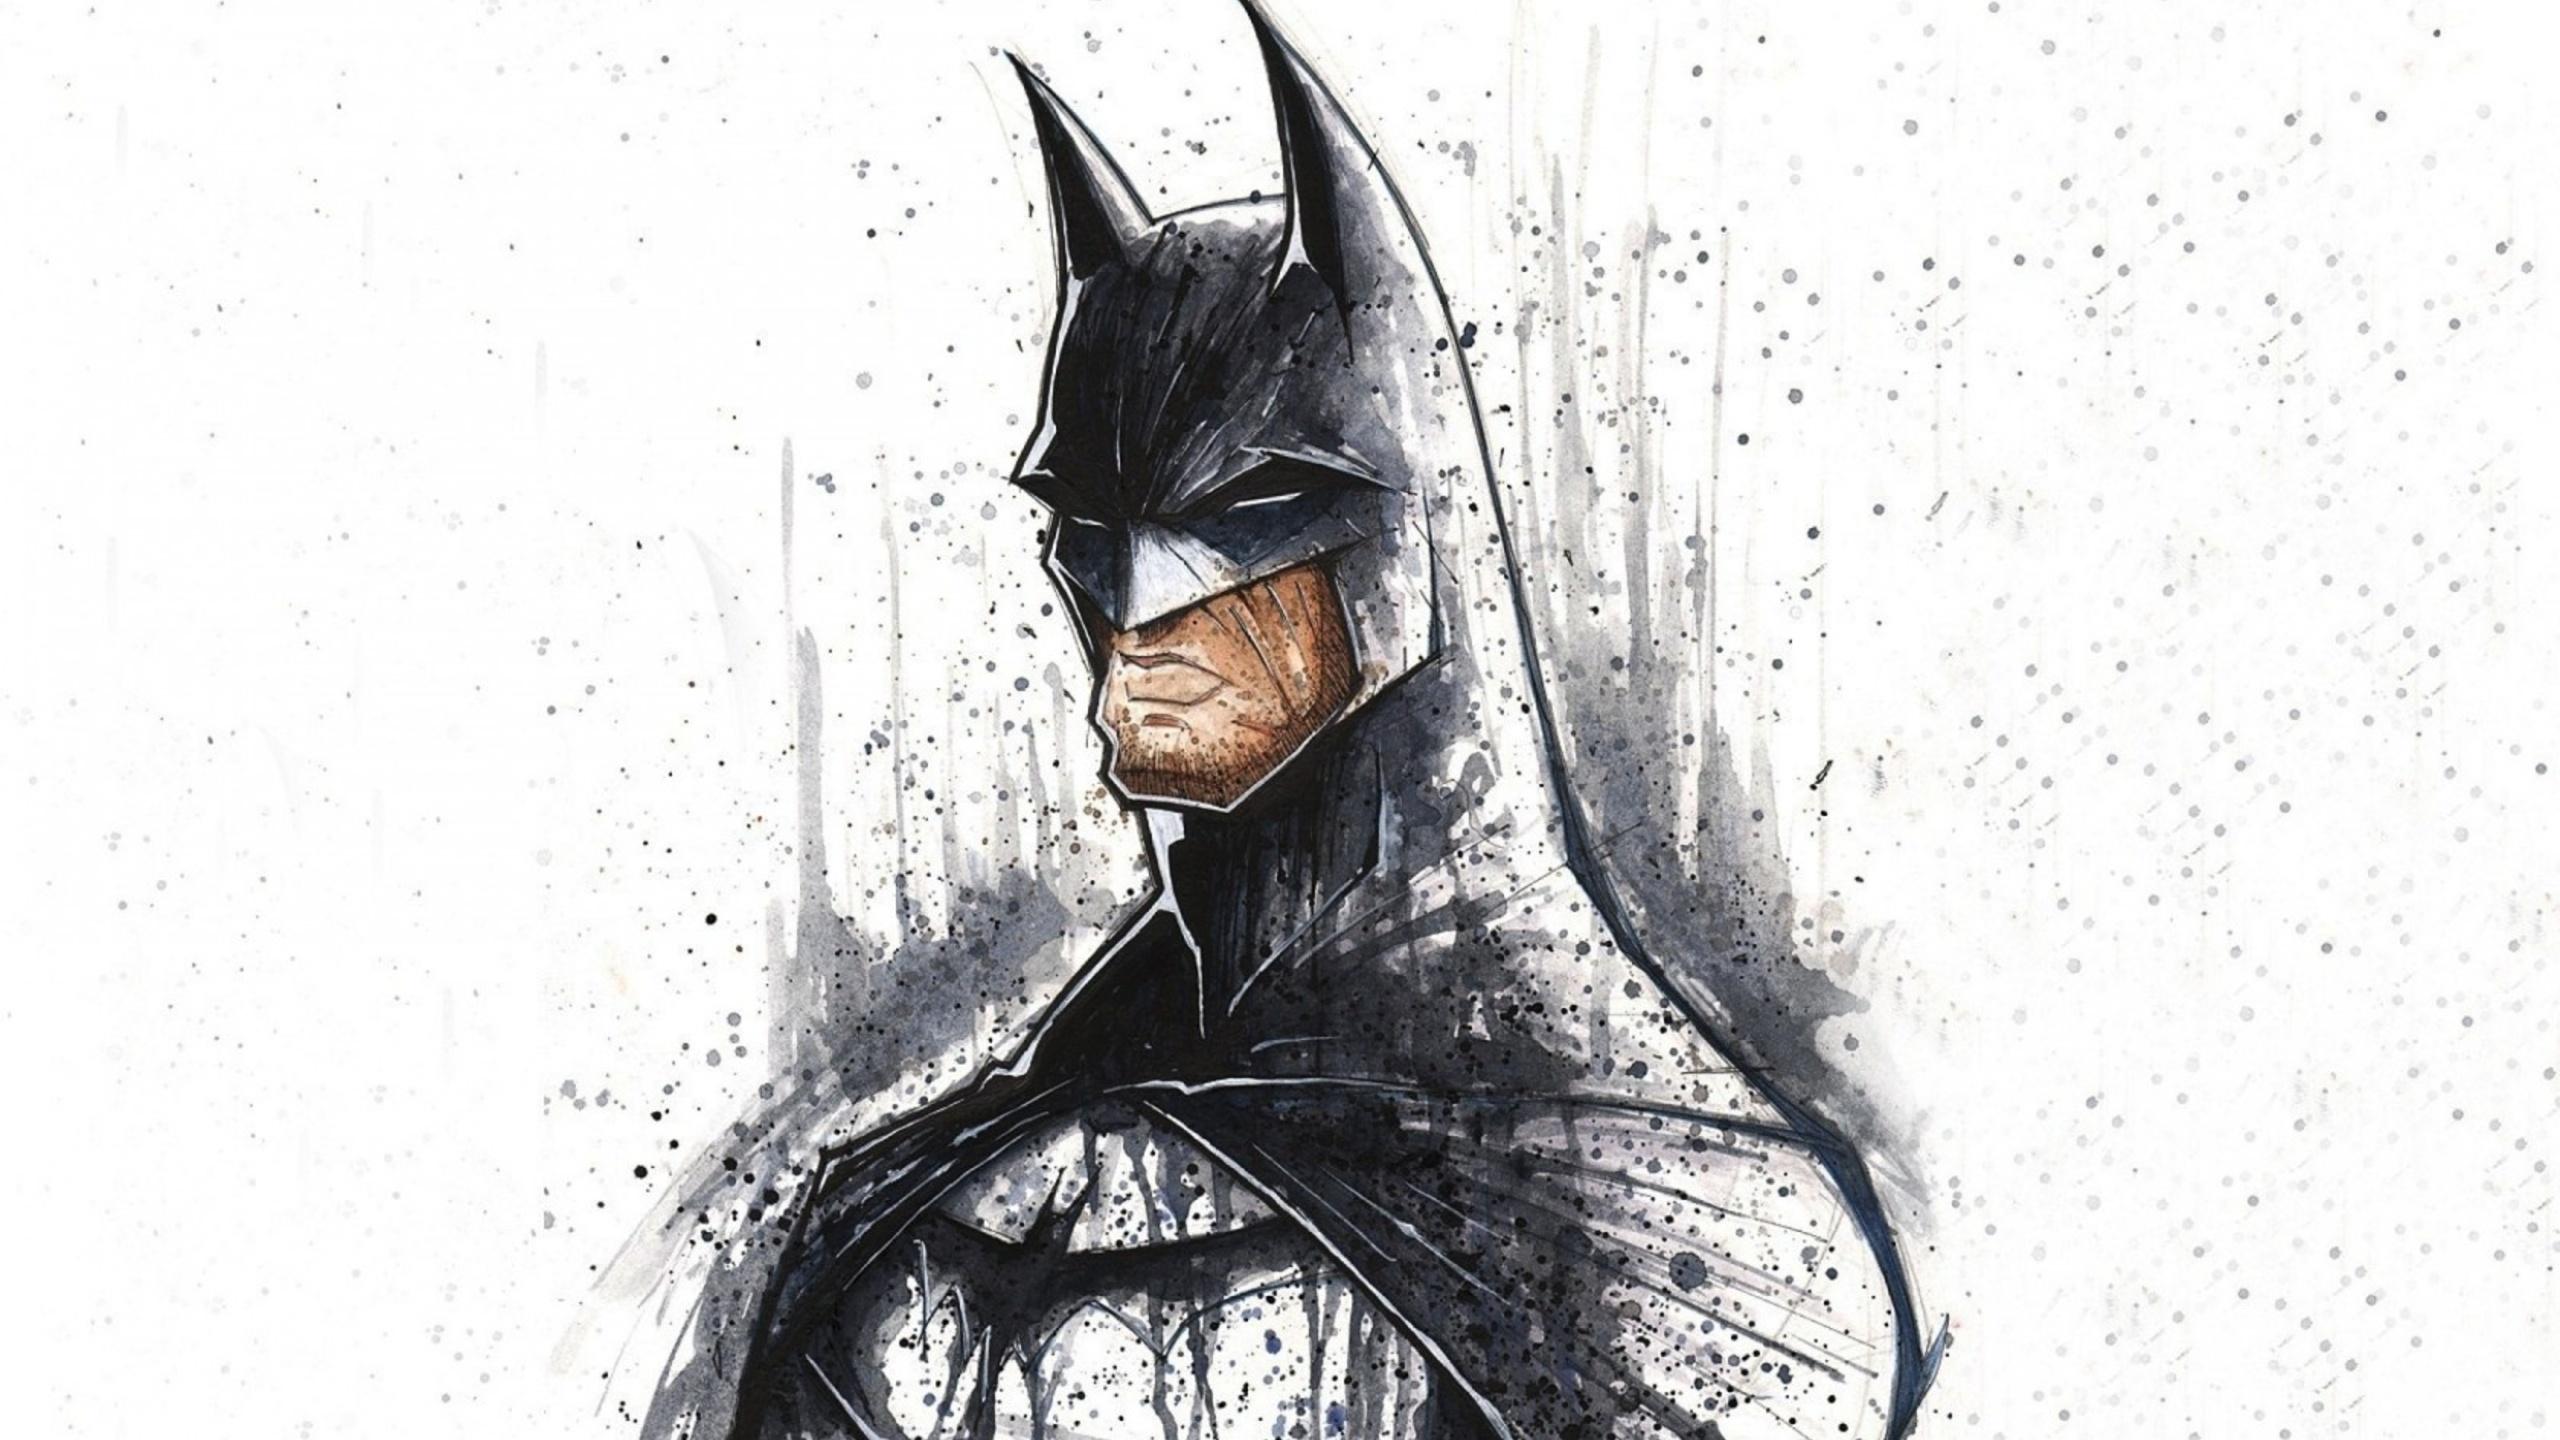 Бэтмен в картинках 6 букв сканворд, выезжаю тебе